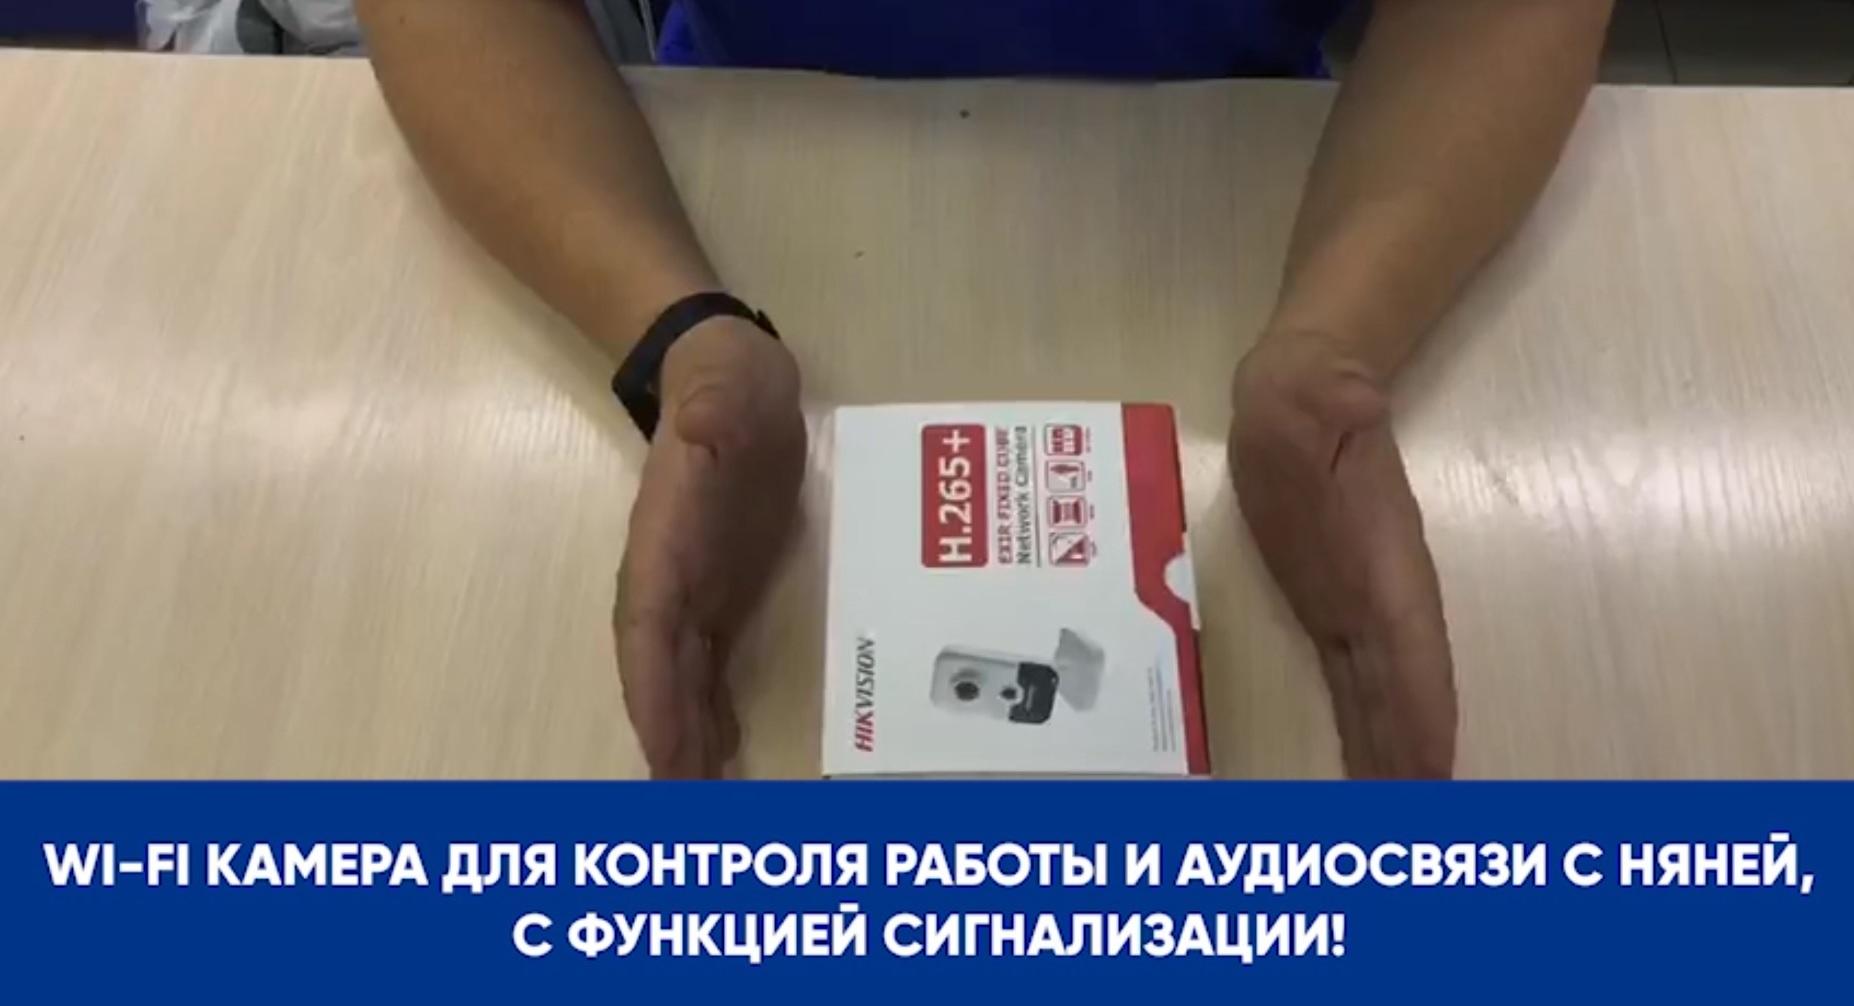 Wi-Fi камера для контроля работы и аудиосвязи с няней, с функцией сигнализации!